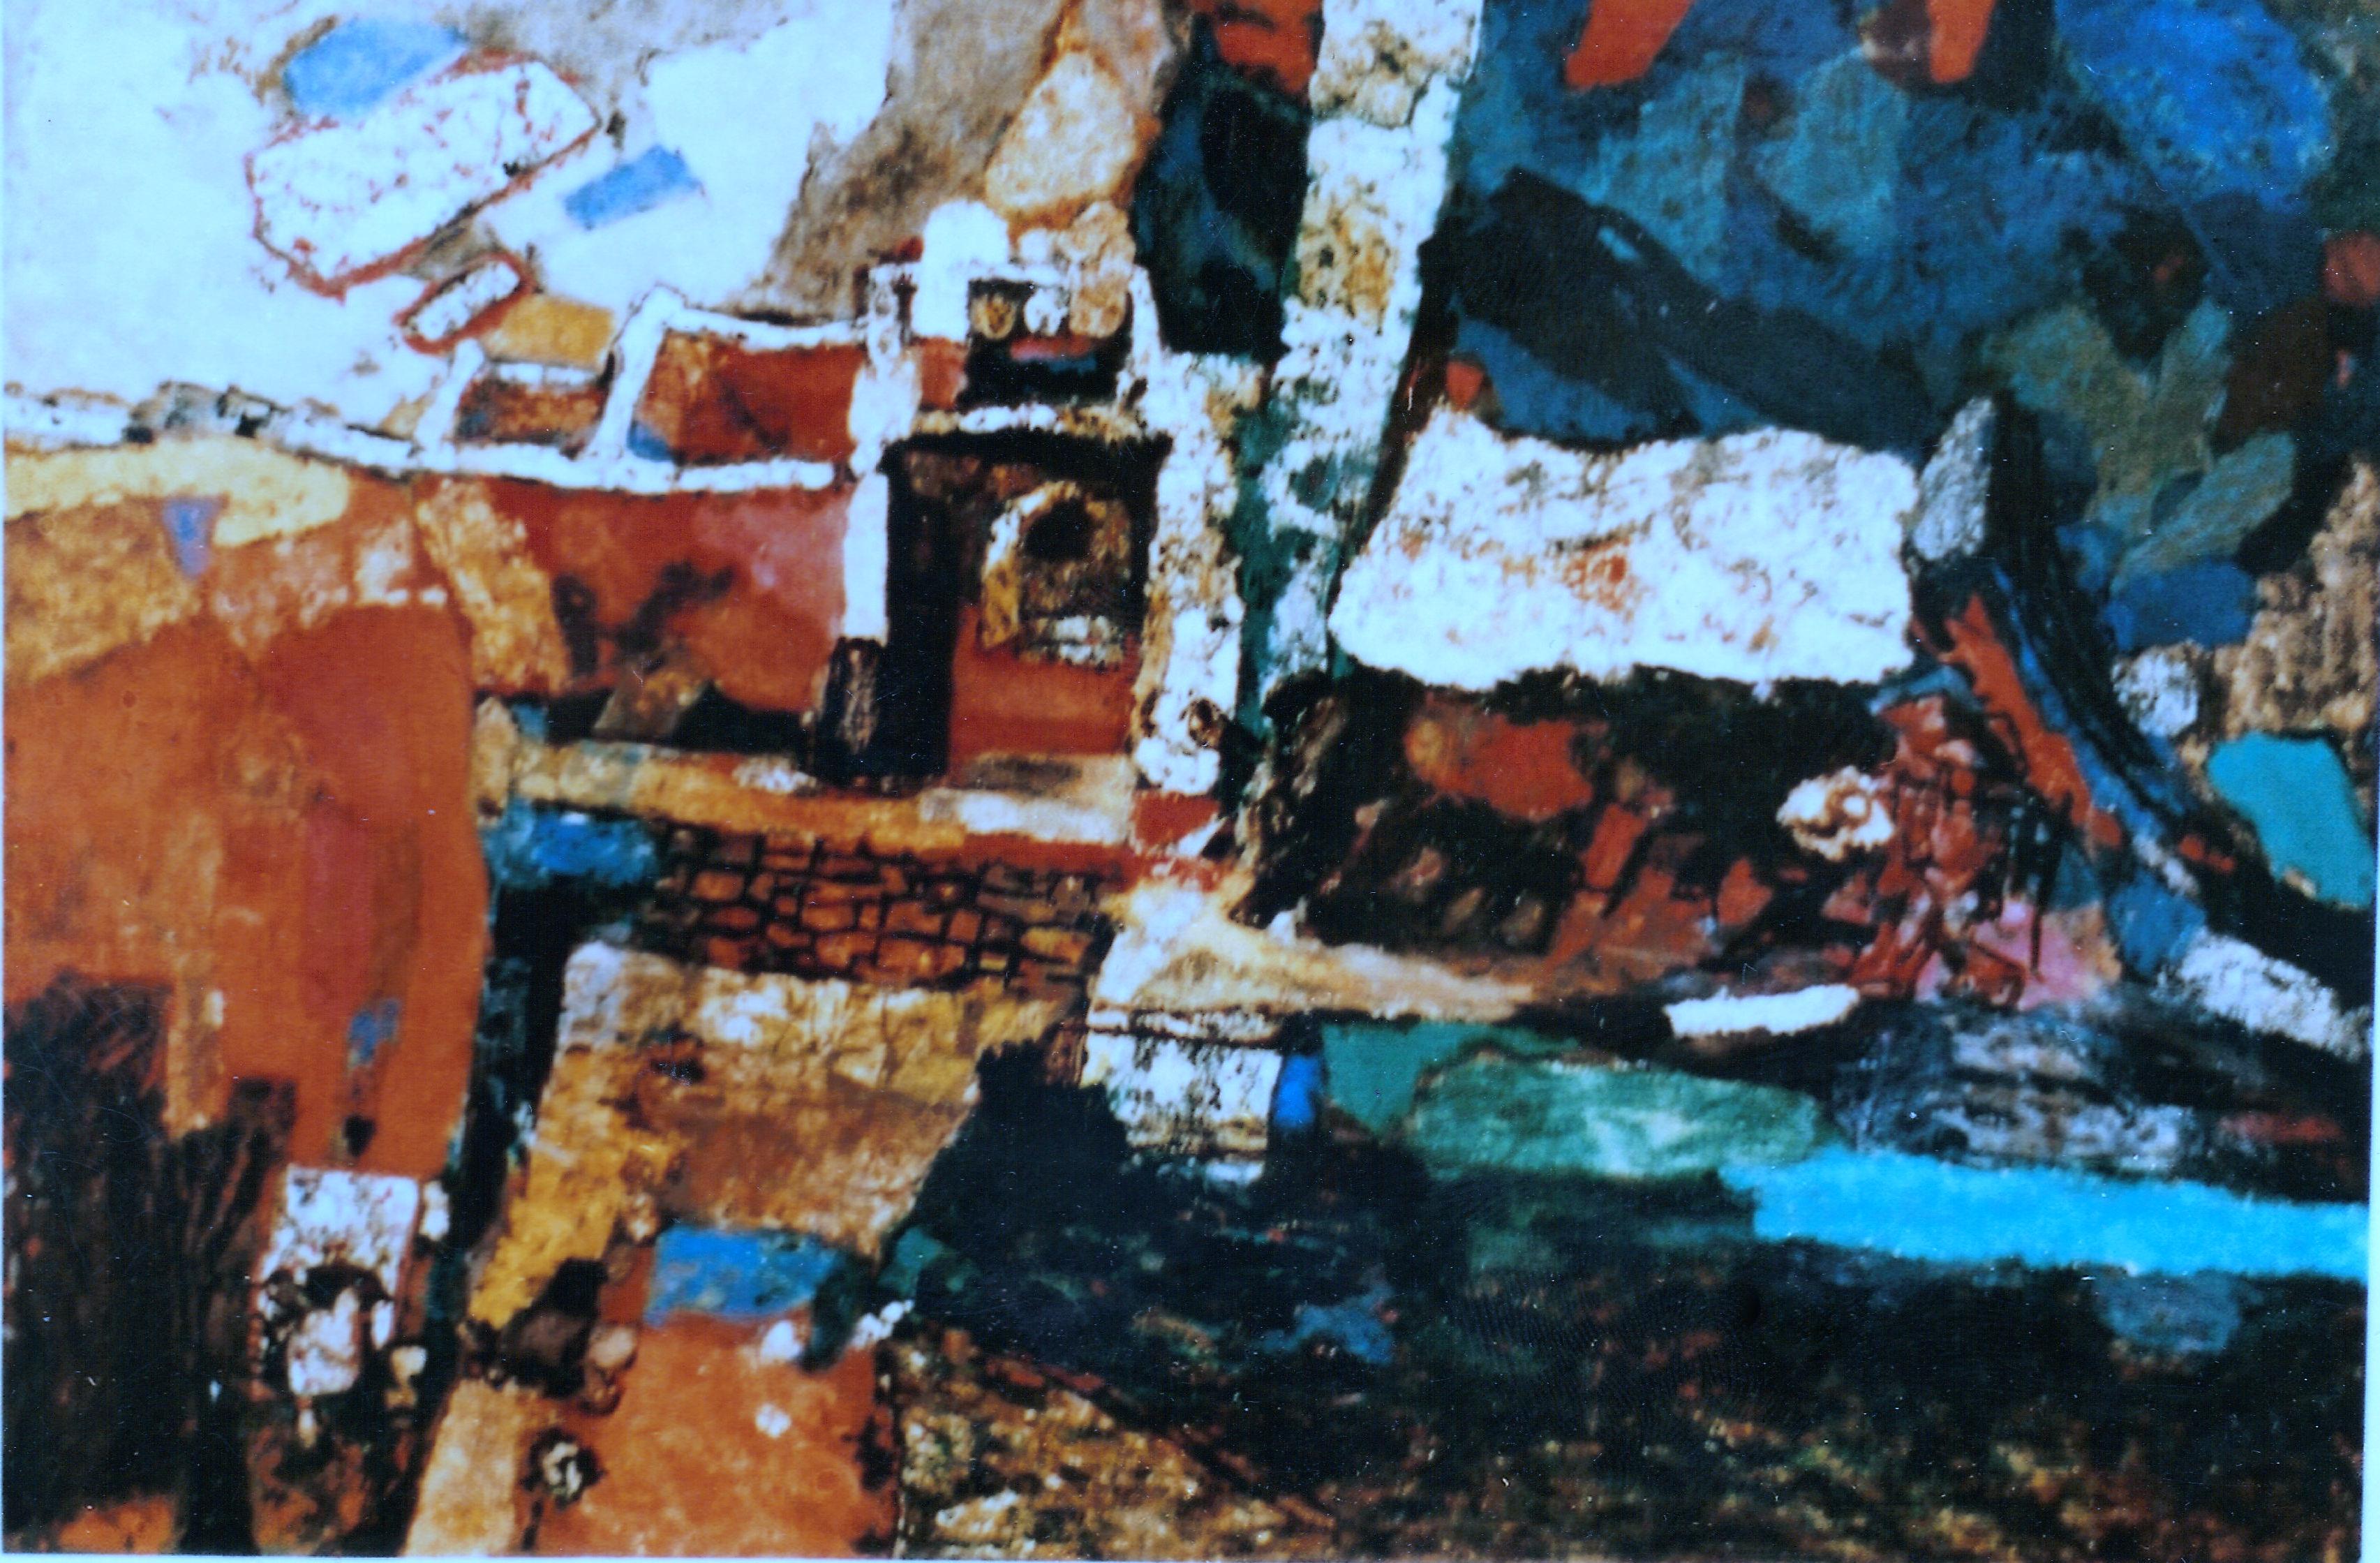 Nguyen Huy Khiem Lacquer Painter